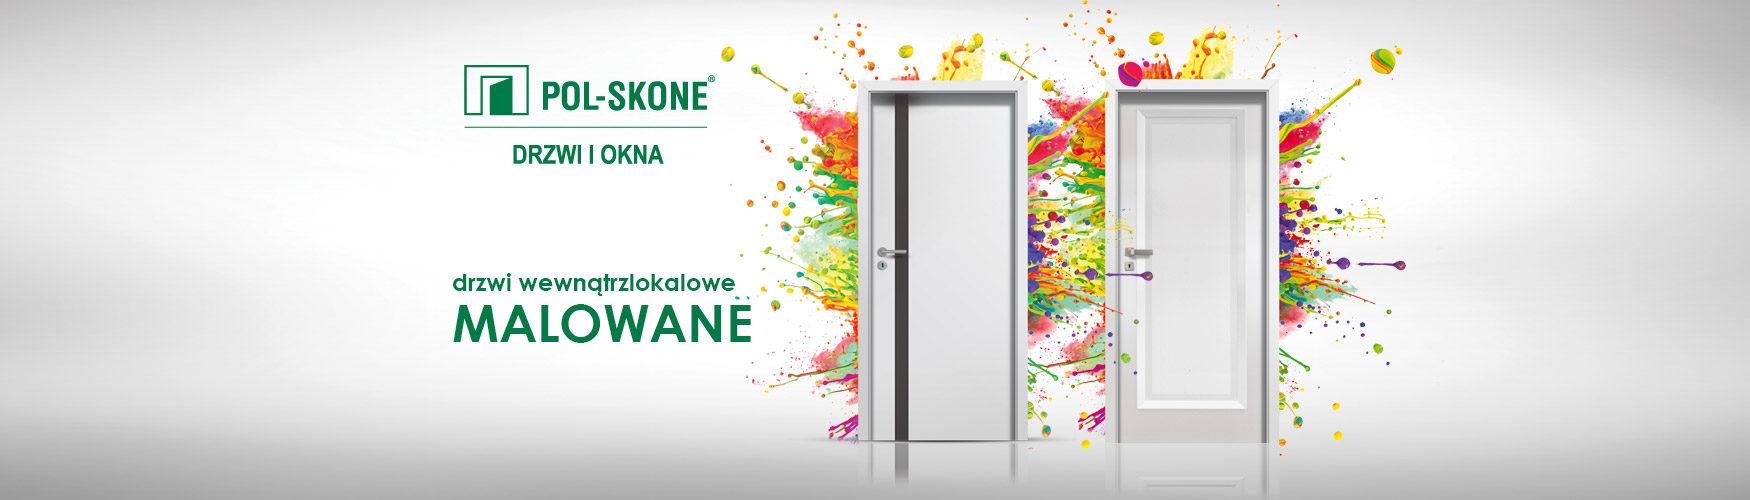 Drzwi wewnątrzlokalowe Malowane Pol-Skone Slide